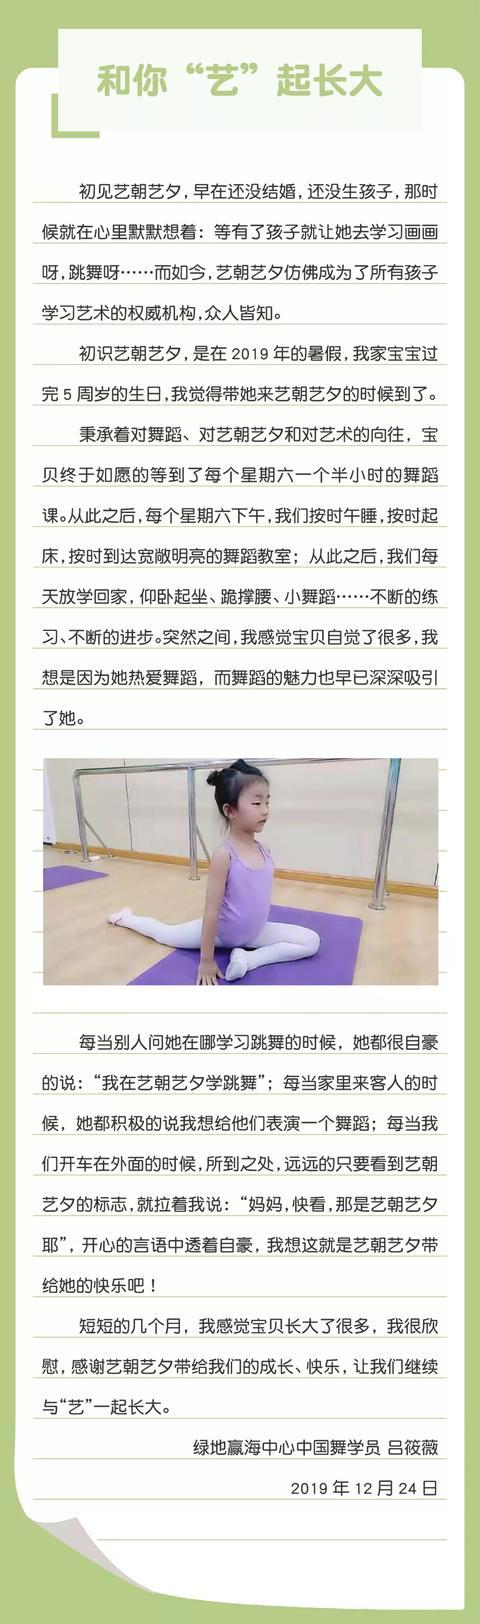 家长分享孩子在艺朝艺夕学习体验